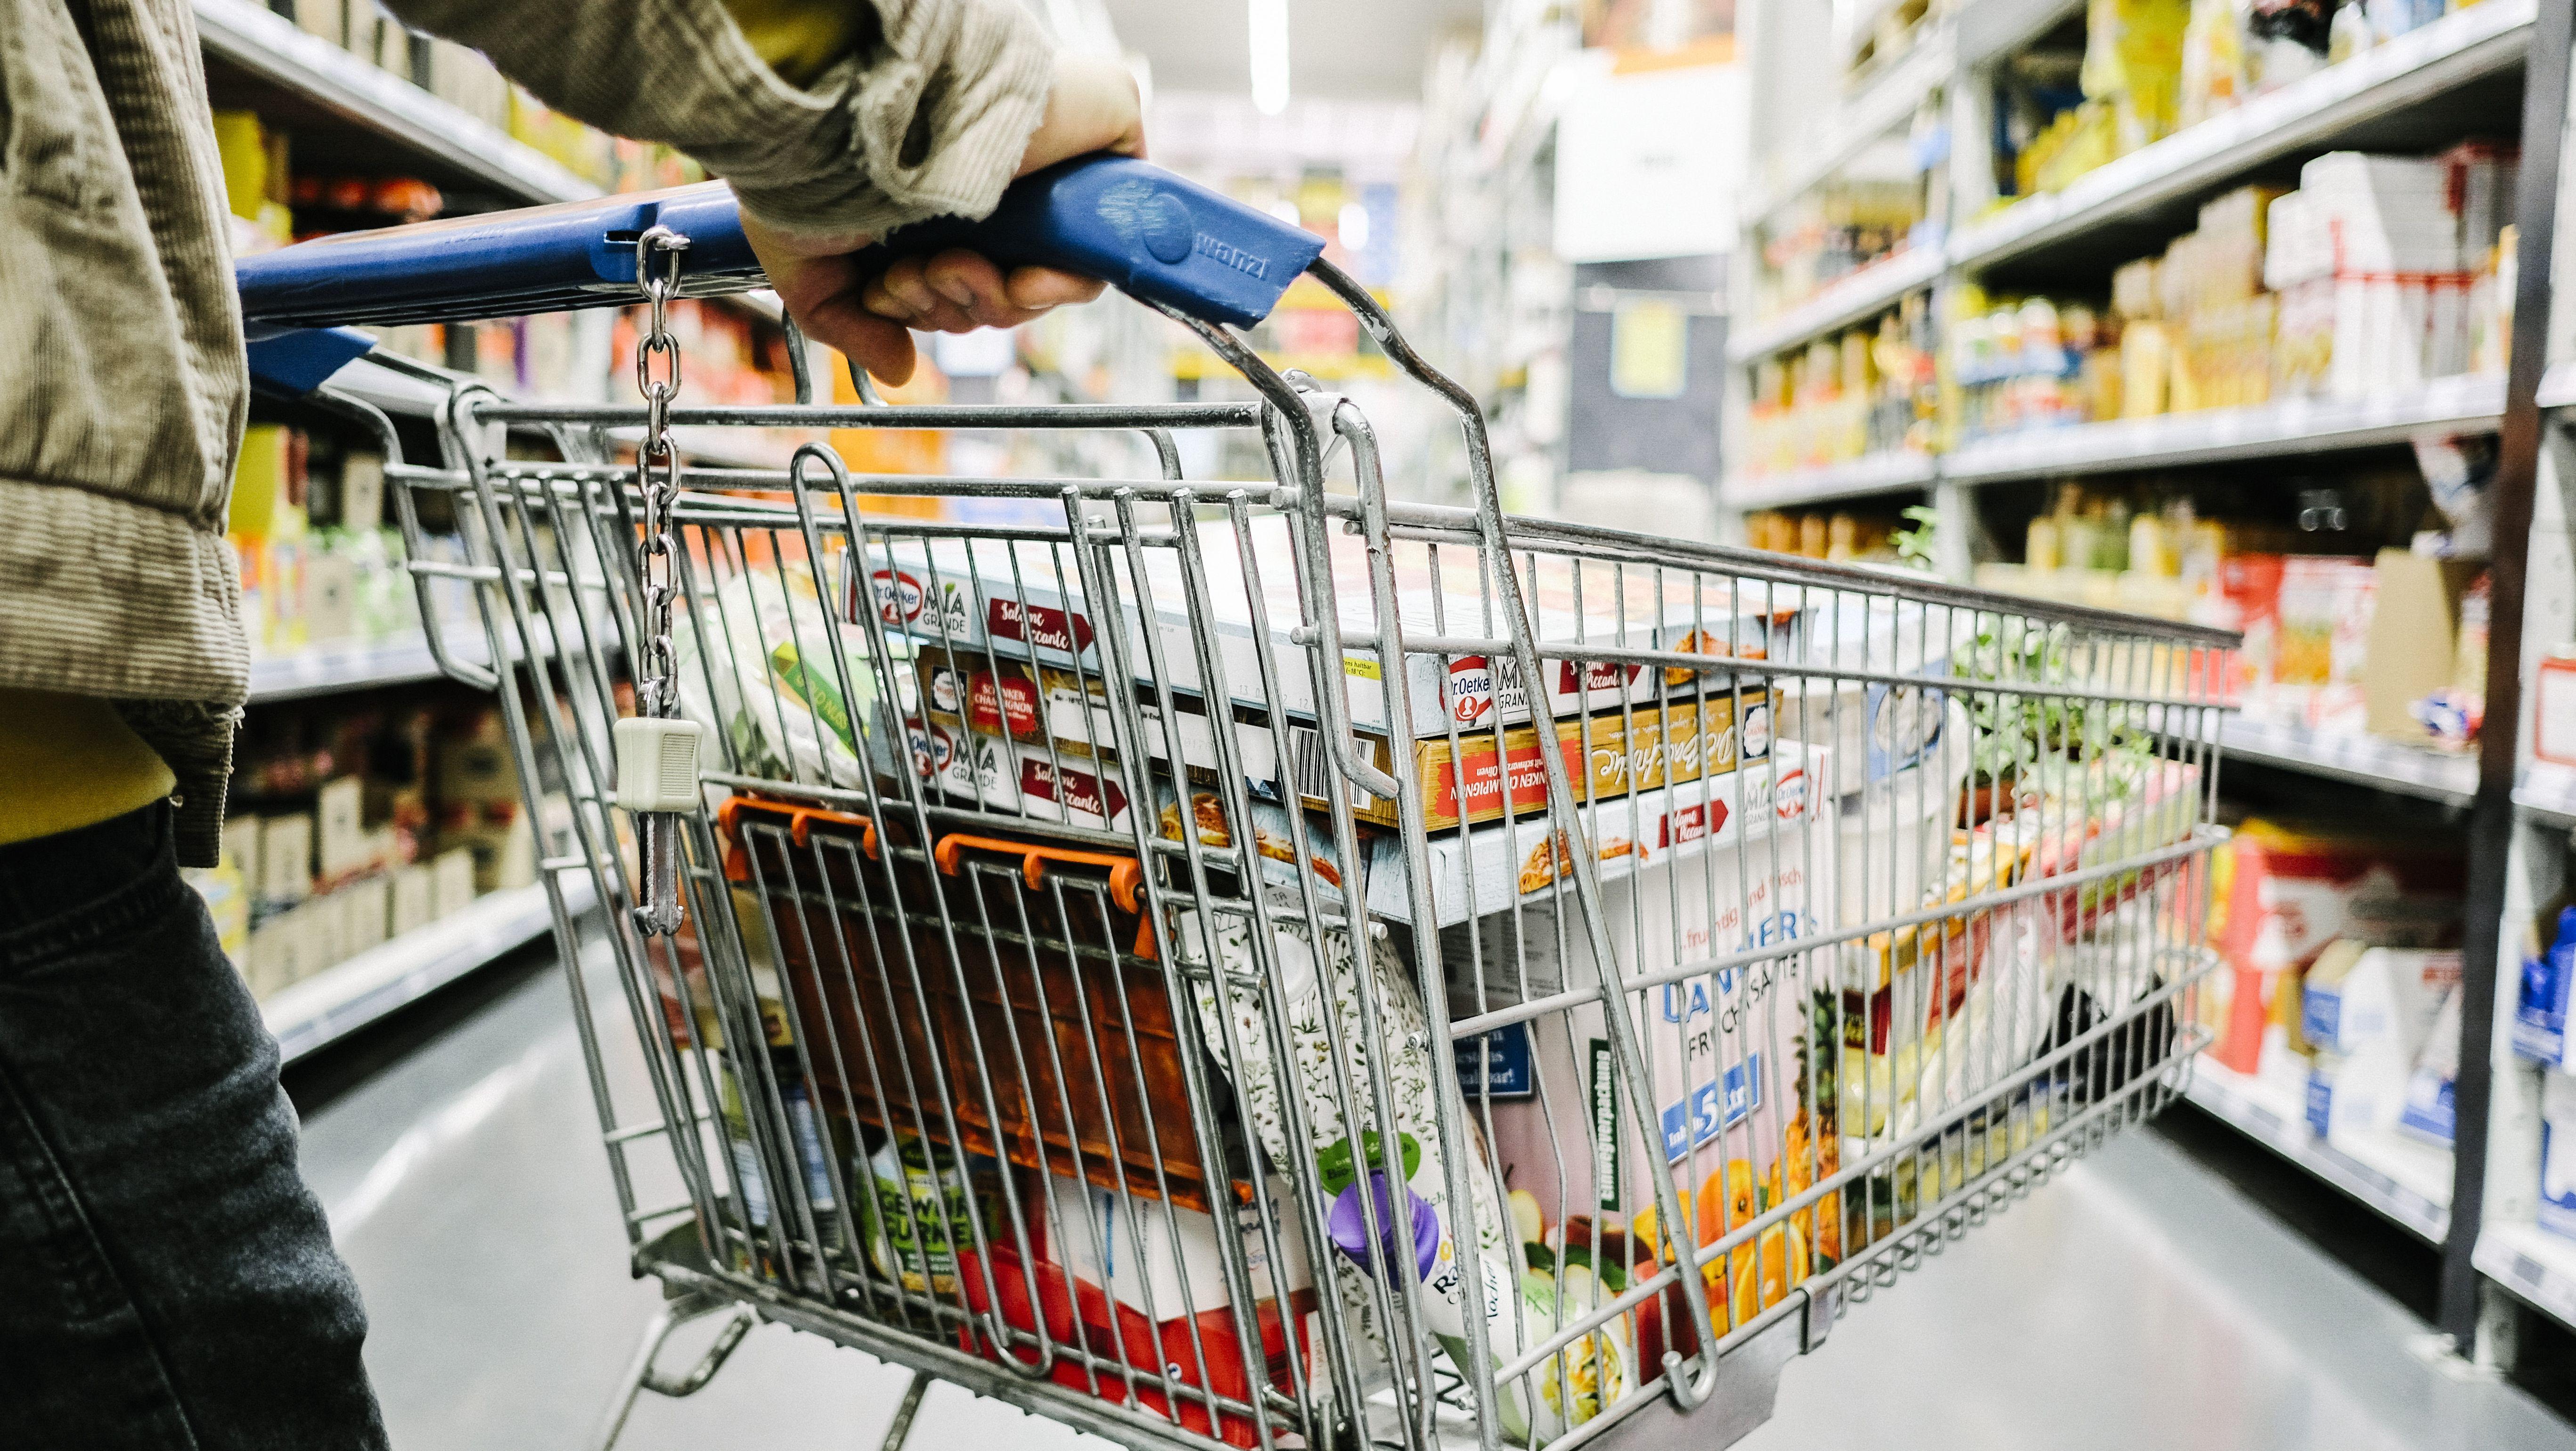 Die Siegel, mit denen Hersteller für regionale Produkte werben, verwirren oft und dienen manchmal ganz bewusst der Verbrauchertäuschung.